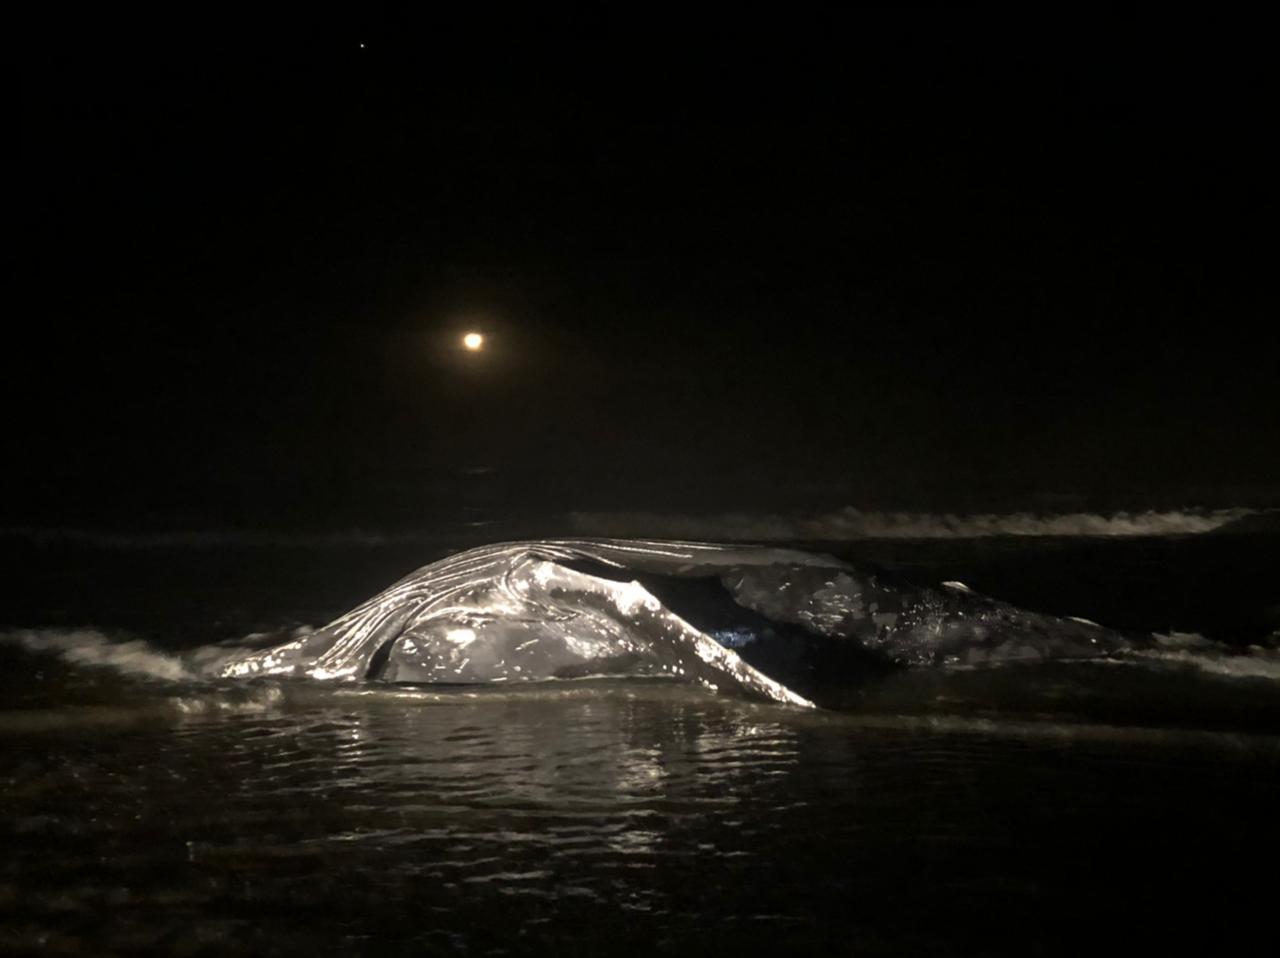 Baleia jubarte encalha e morre enrolada em rede de pesca, no balneário Coroados, em Guaratuba